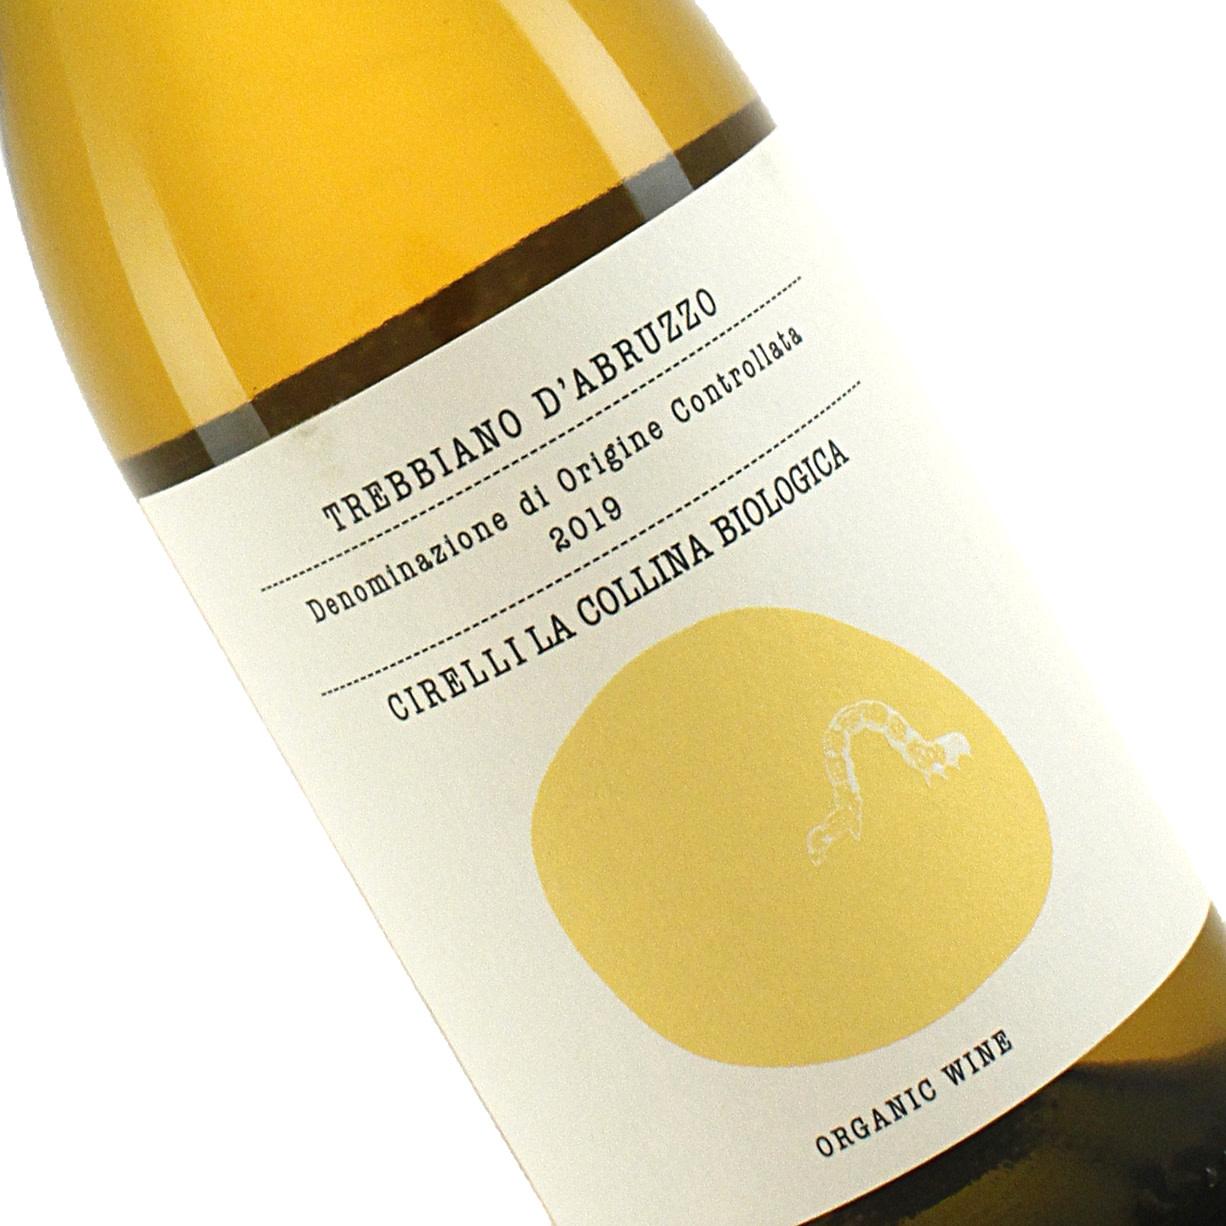 Cirelli 2019 Trebbiano D'Abruzzo Organic White Wine, Italy